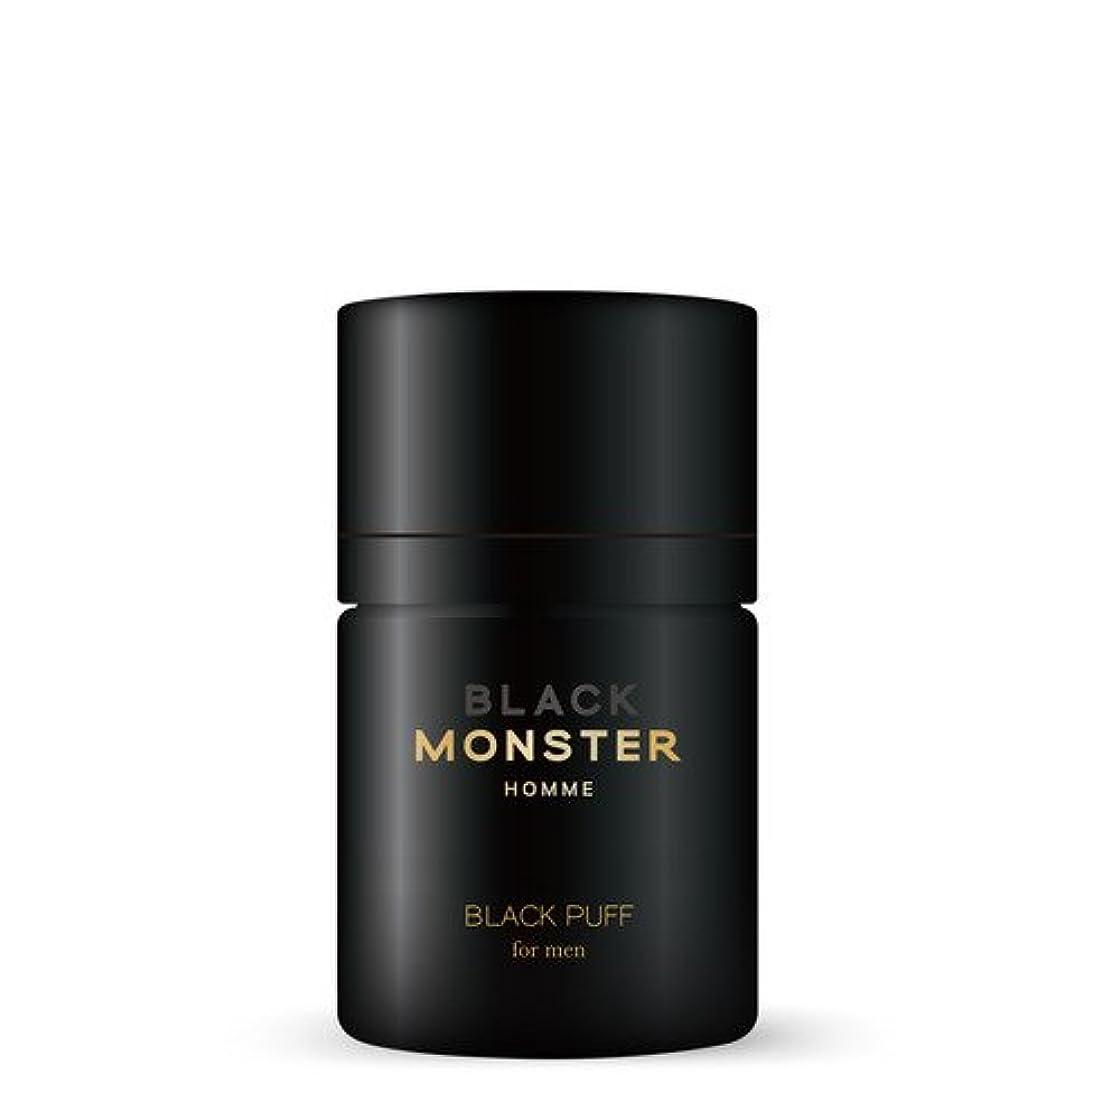 打倒同意ブースblack monster ブラックモンスター パフブラック black 瞬間増毛剤 [並行輸入品]